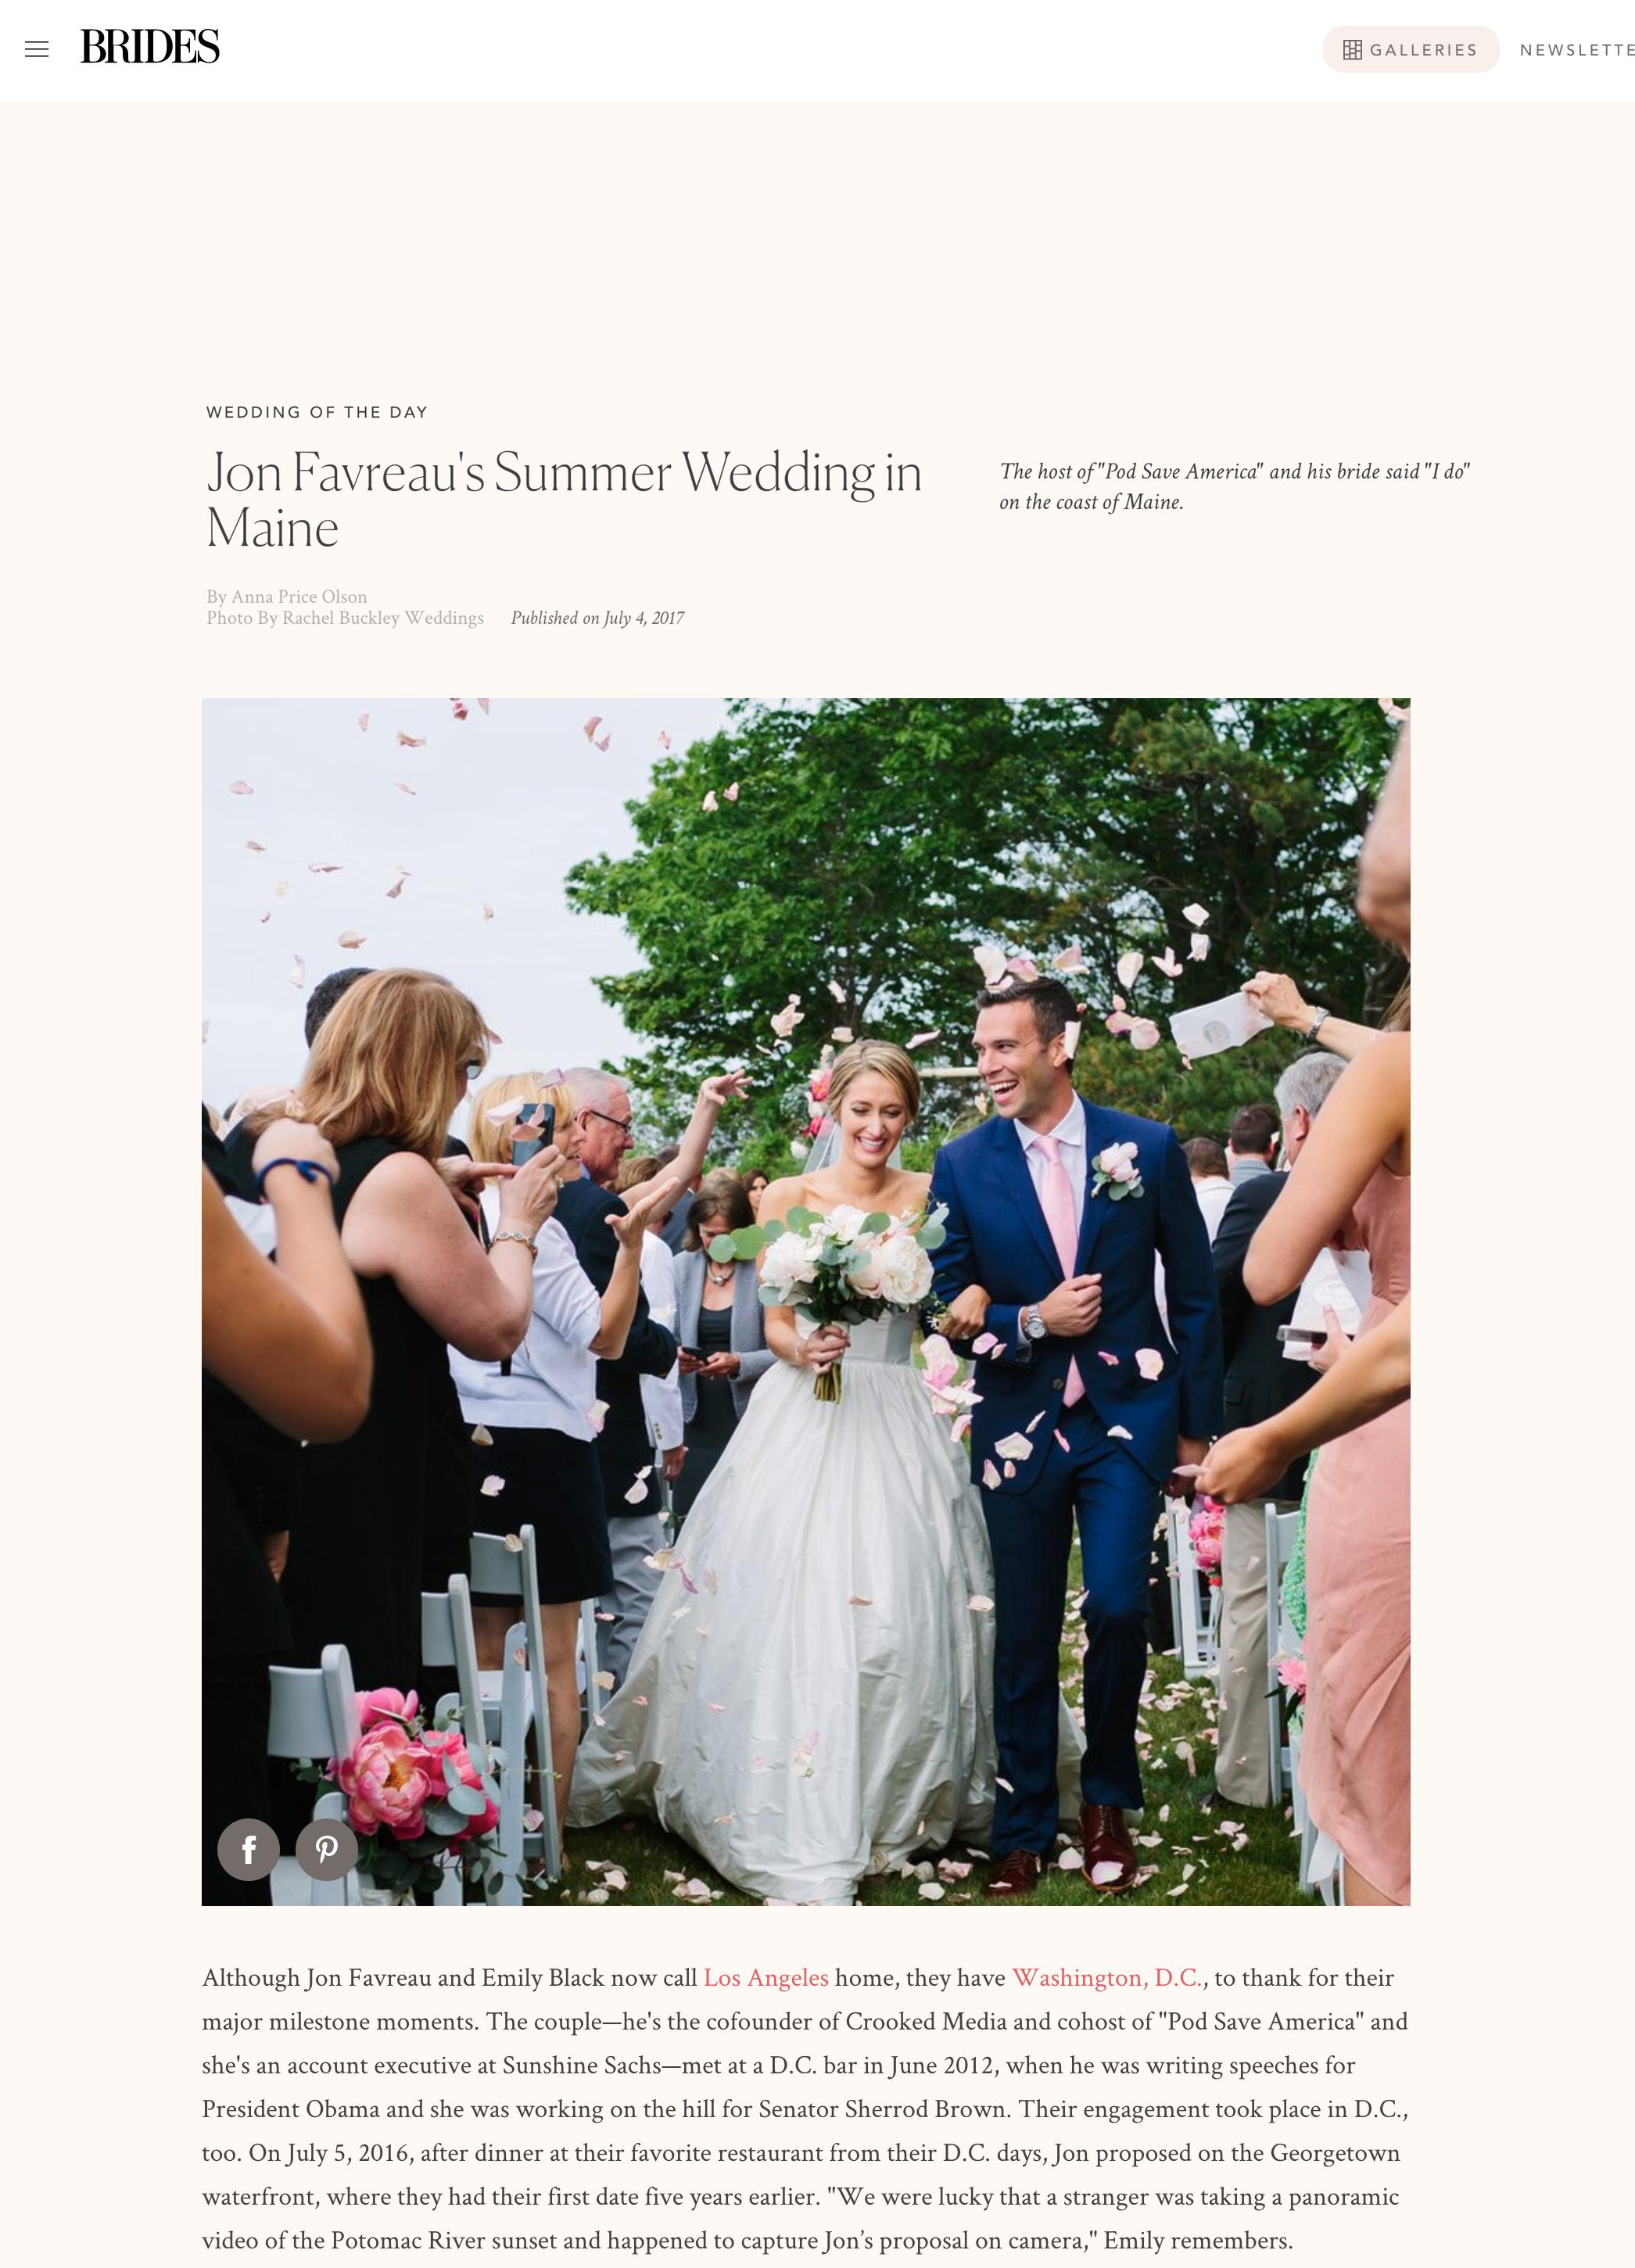 jonfavreau-bridesmagazine.jpg